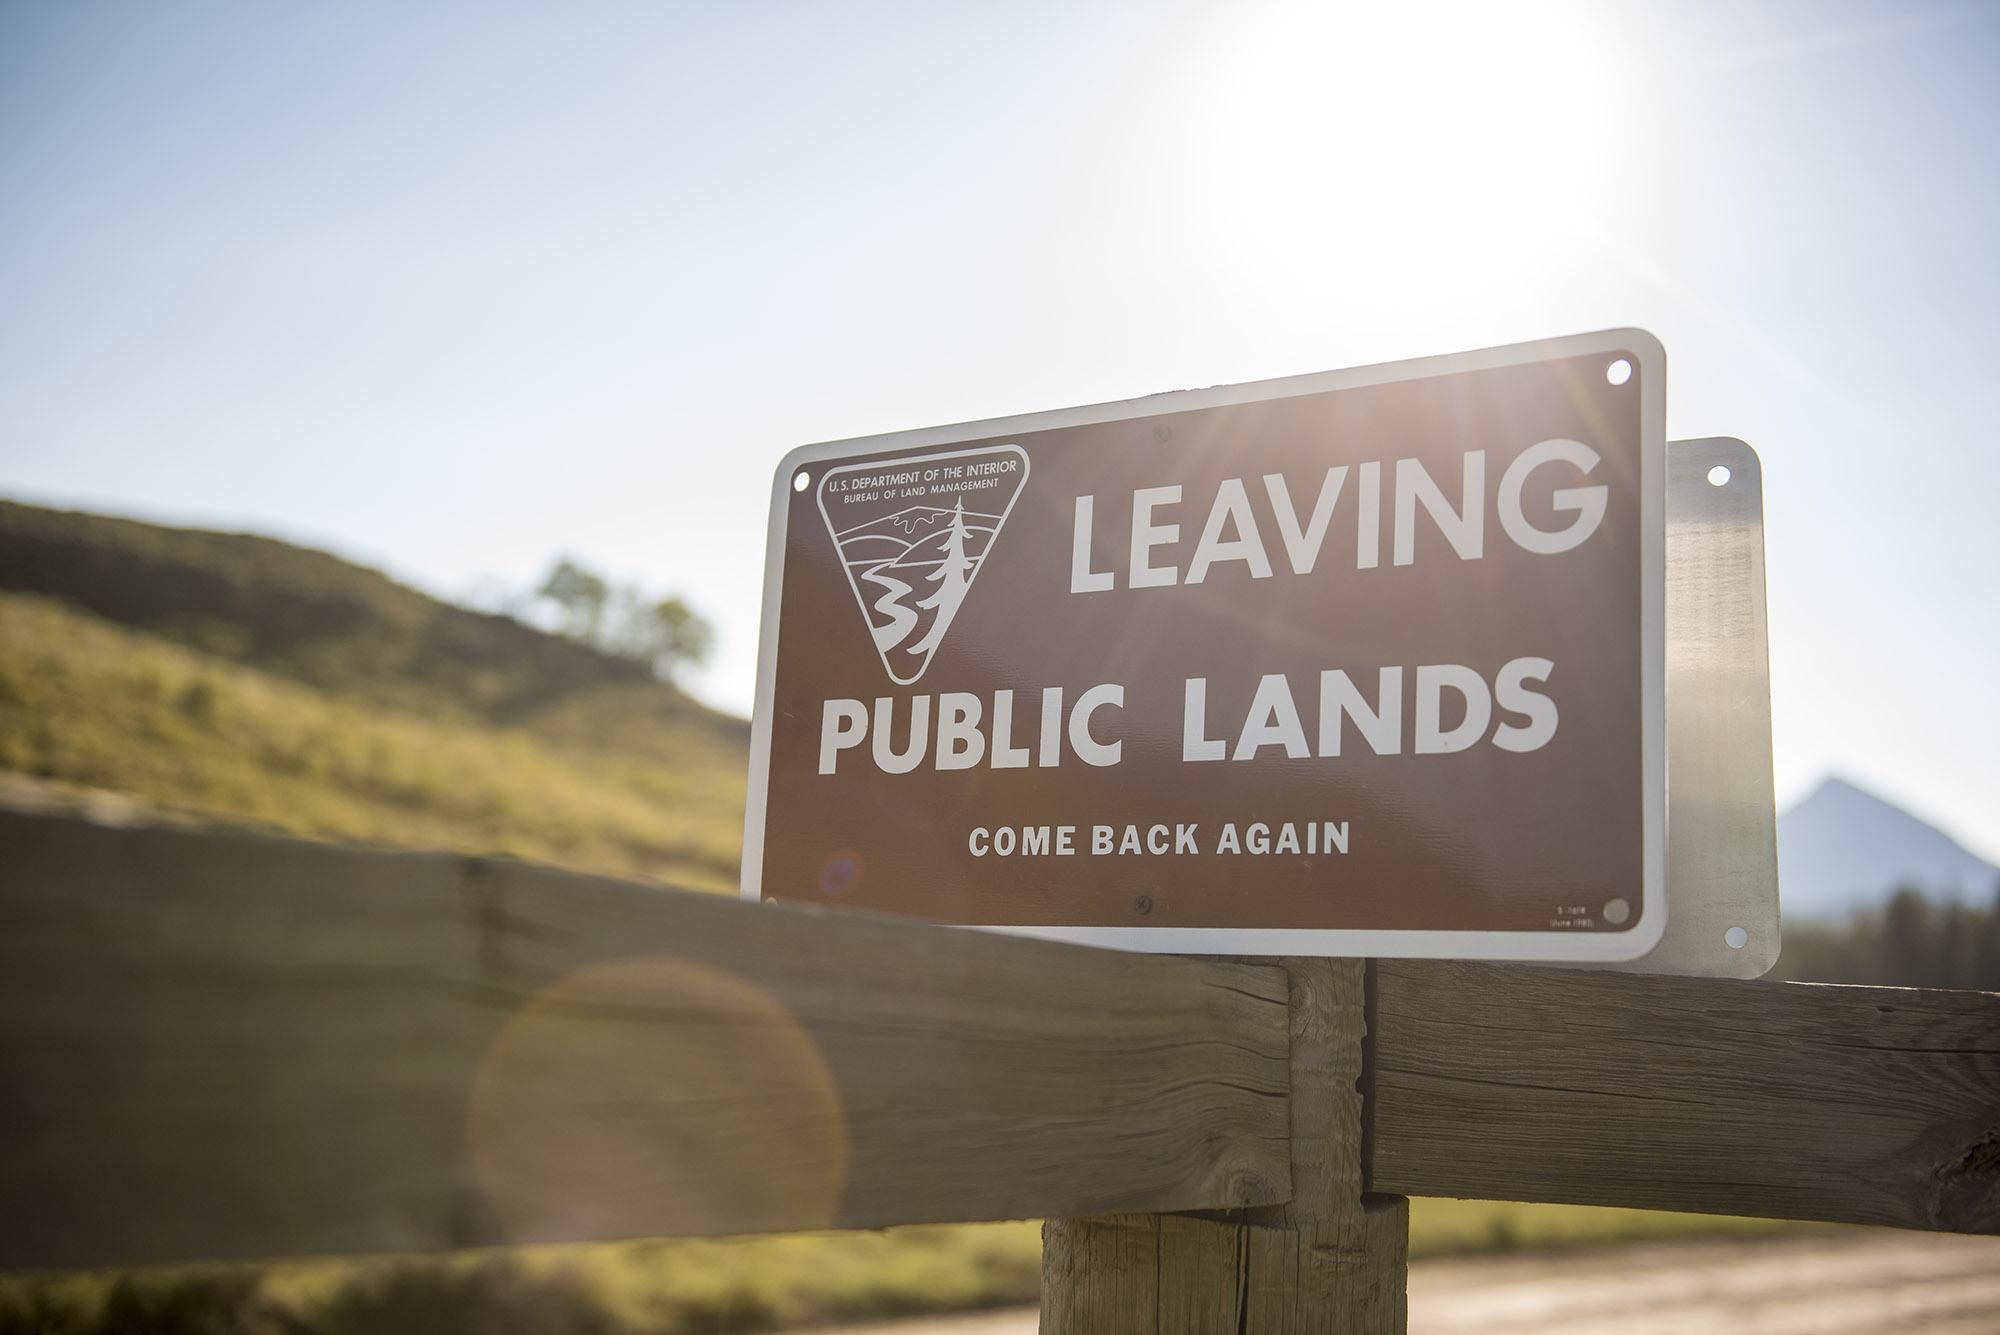 Now leaving public lands